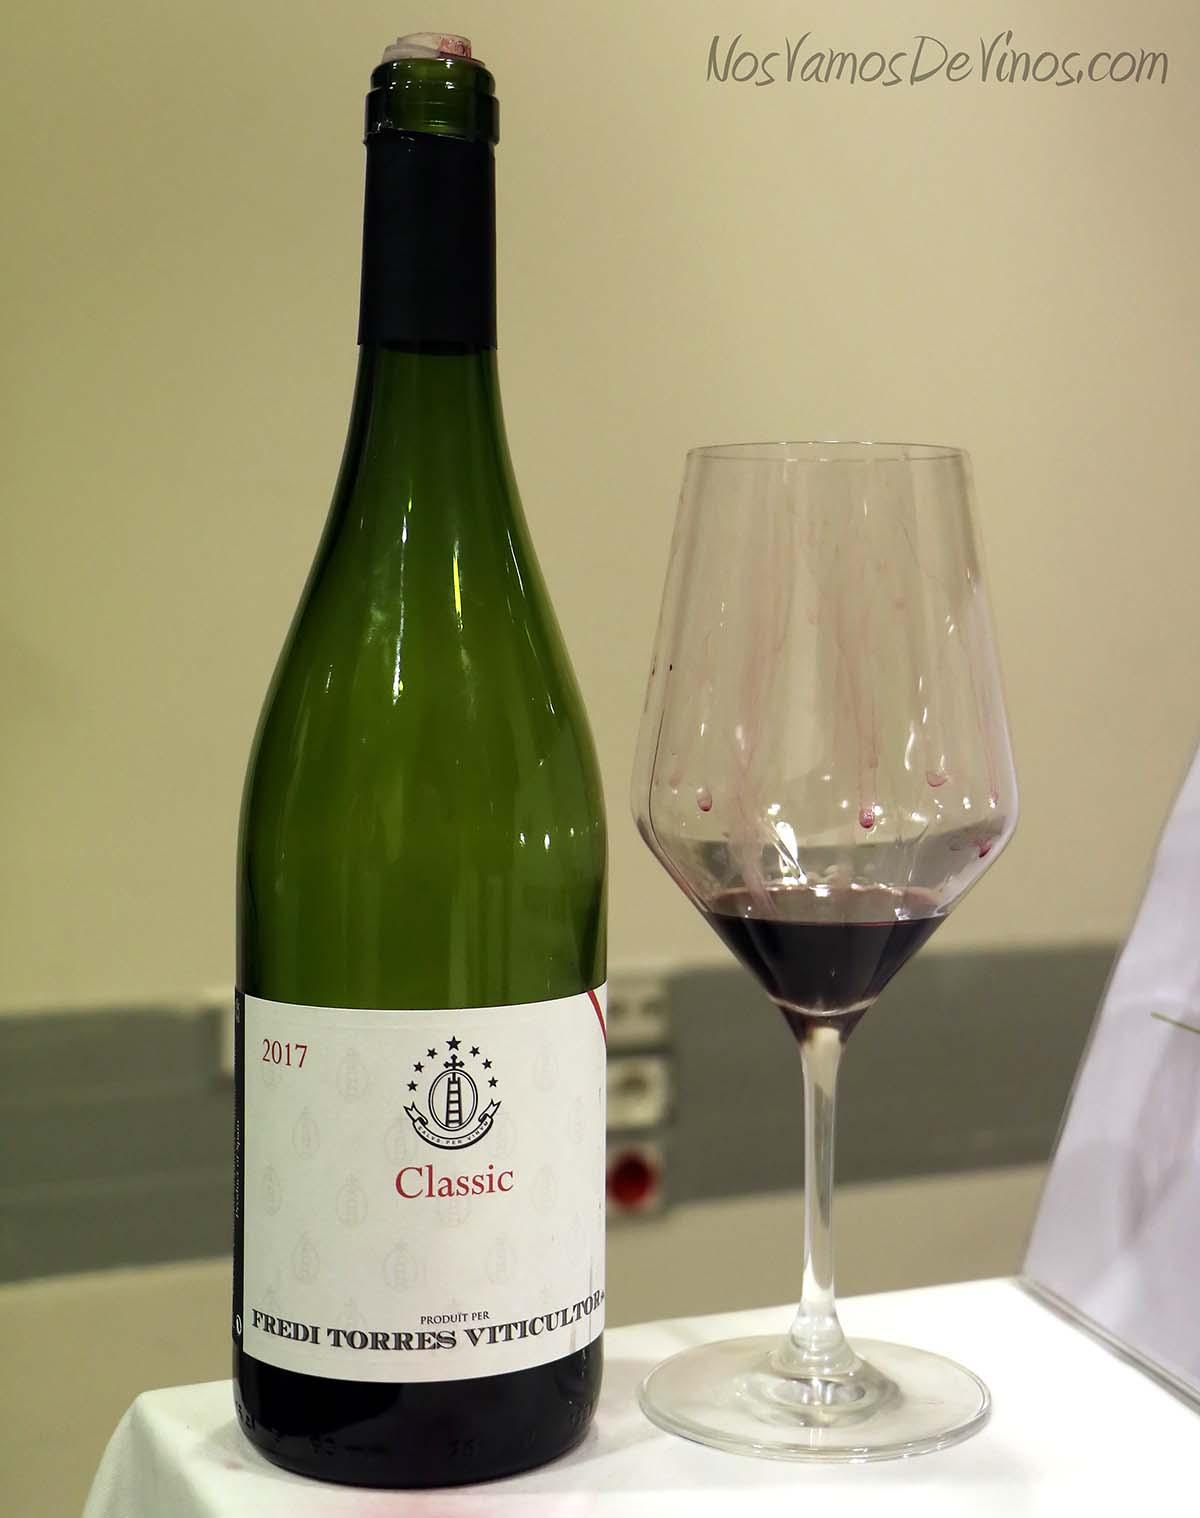 Classic Priorat Vino elaborado por Fredi Torres